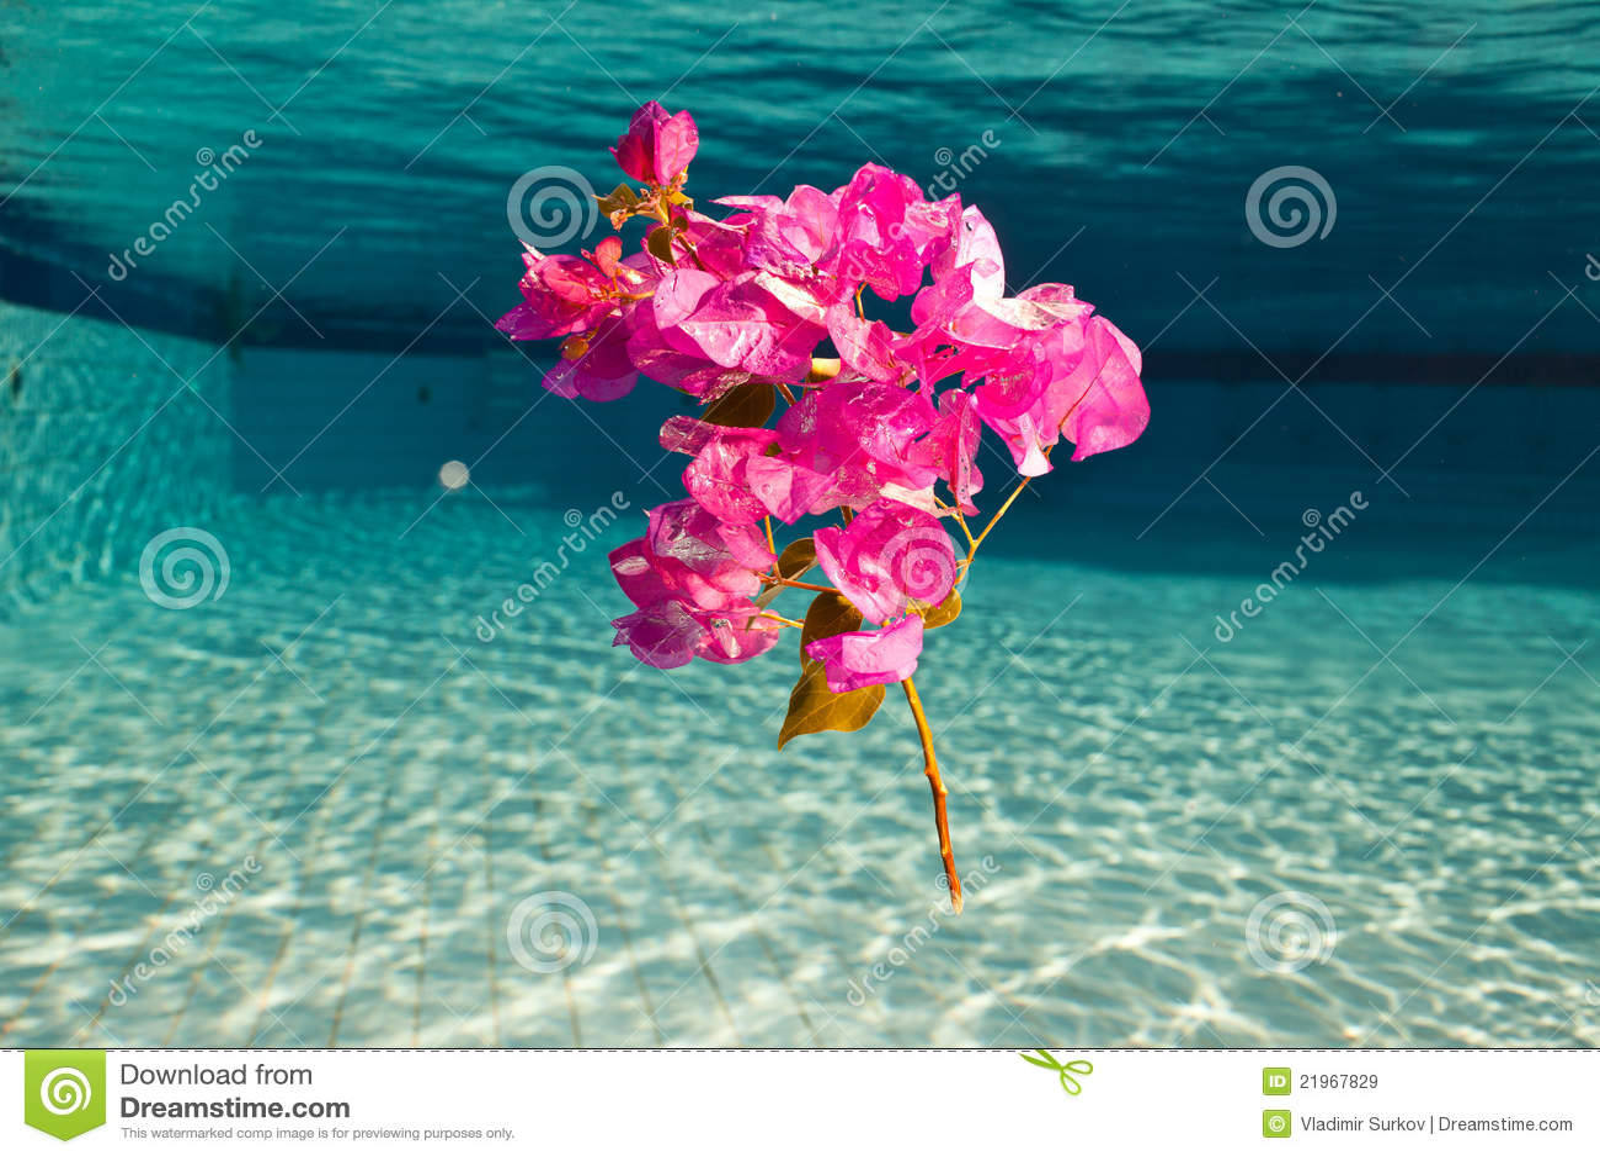 une fleur sous l 39 eau image stock image du branchement 21967829. Black Bedroom Furniture Sets. Home Design Ideas